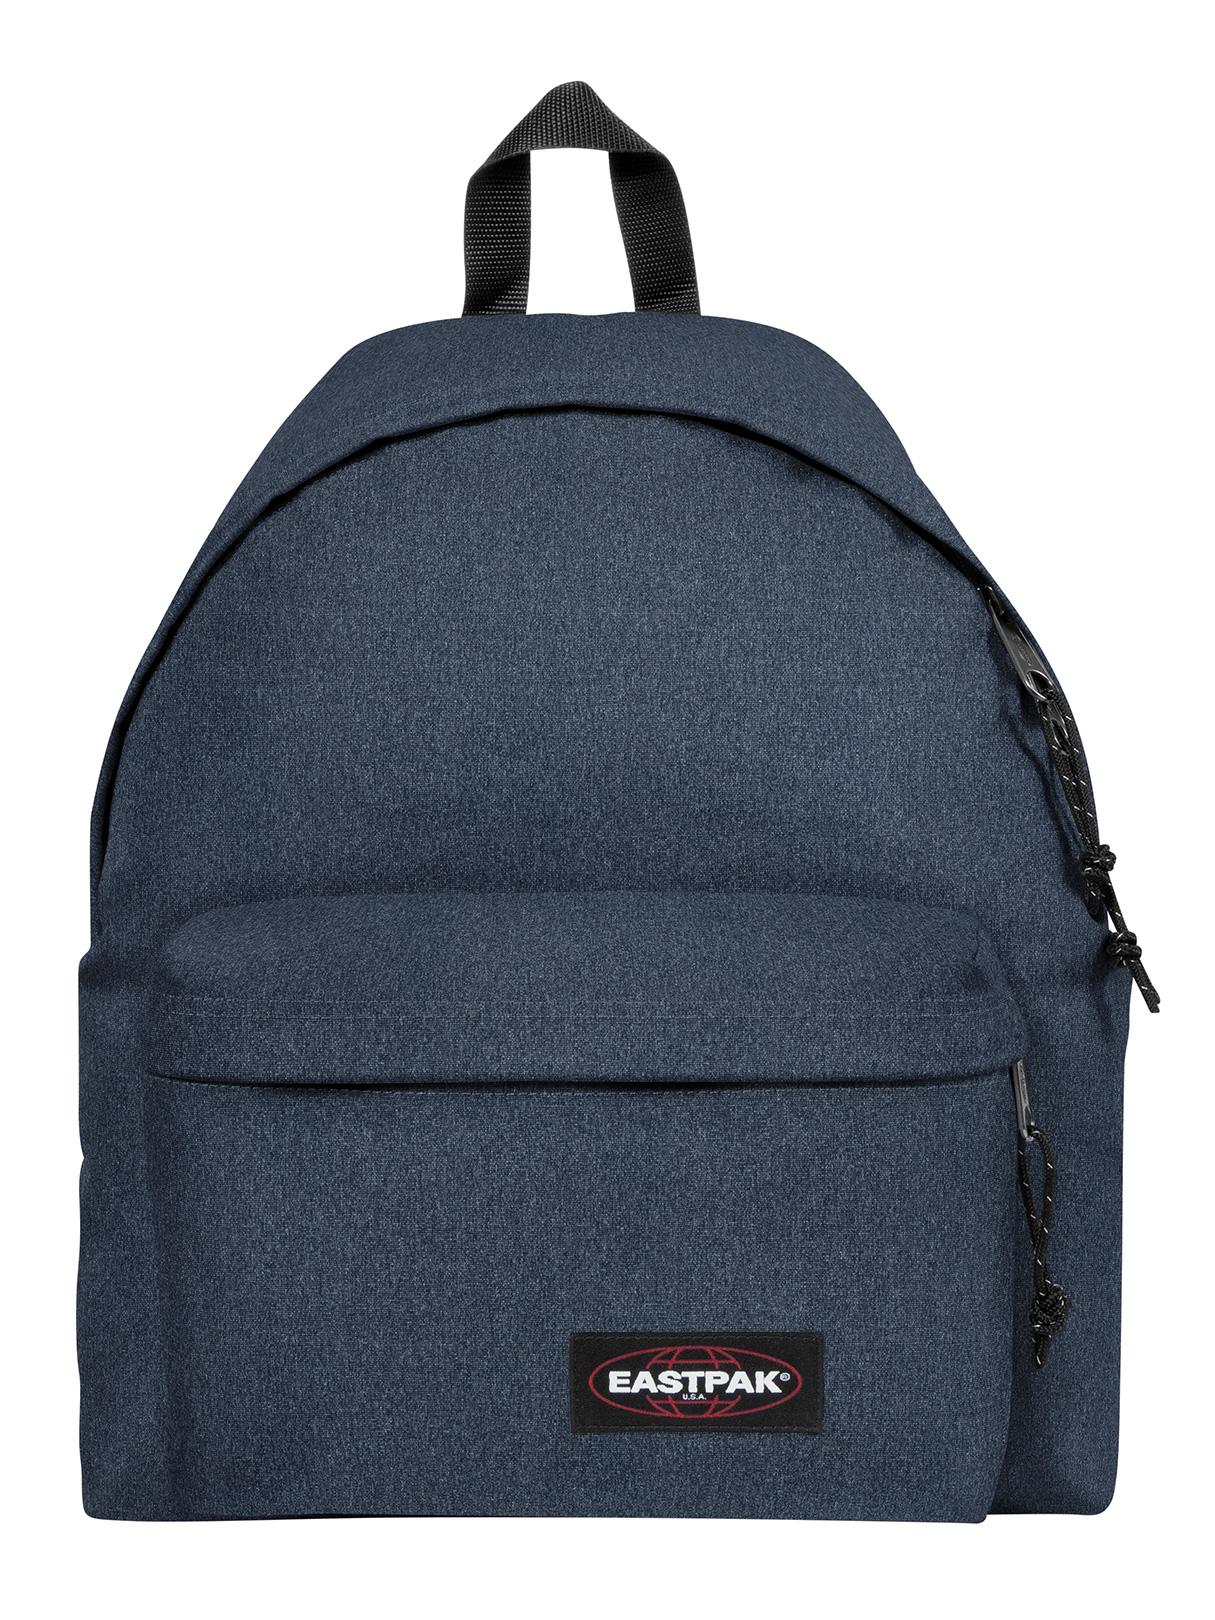 Eastpak Padded Pak R Backpack Black: Eastpak Double Denim Padded Pak R Logo Backpack